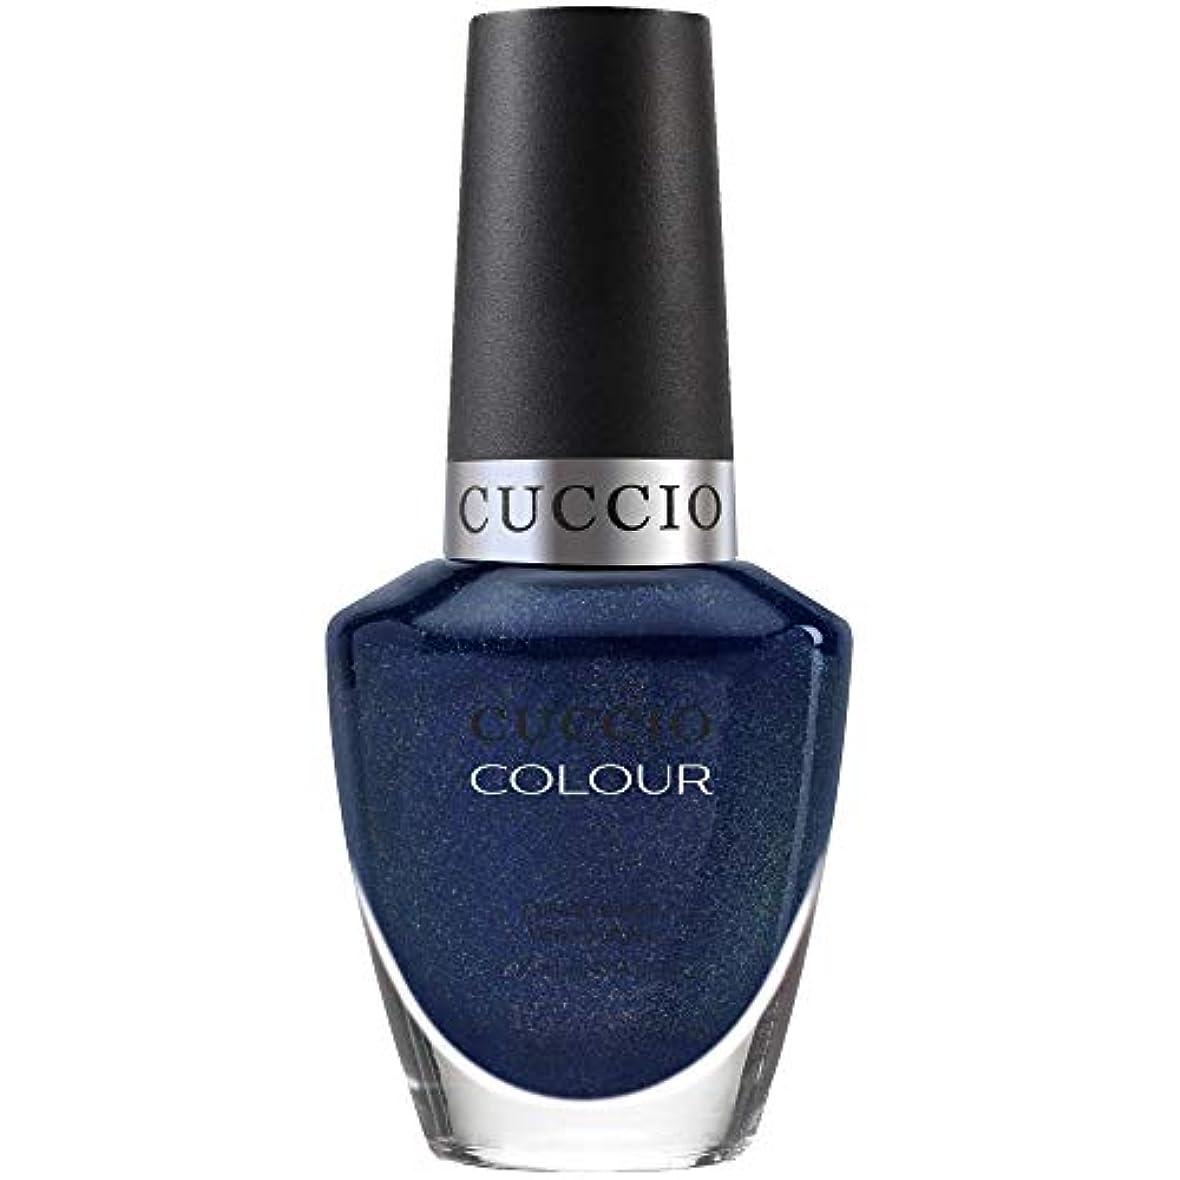 容量パイいじめっ子Cuccio Colour Gloss Lacquer - Dancing Queen - 0.43oz / 13ml